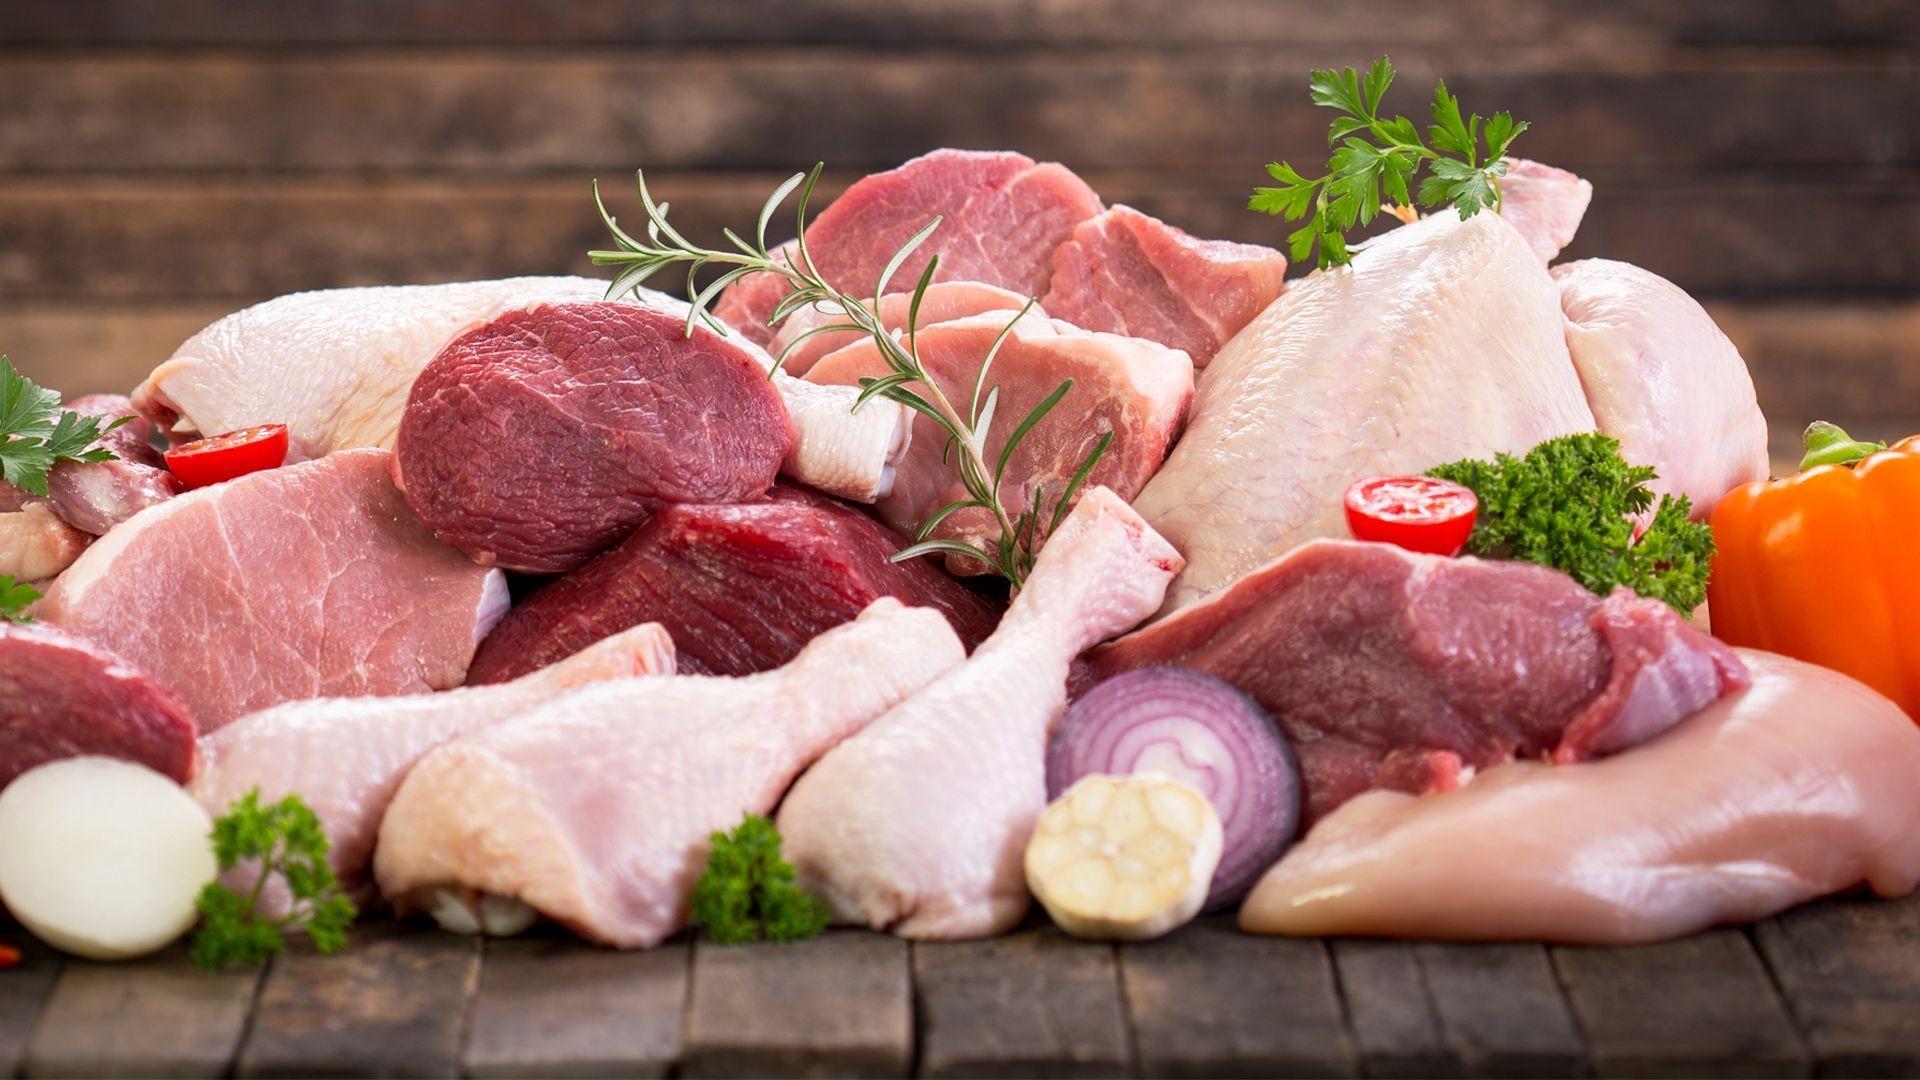 Carnicería y charcutería en Benavente